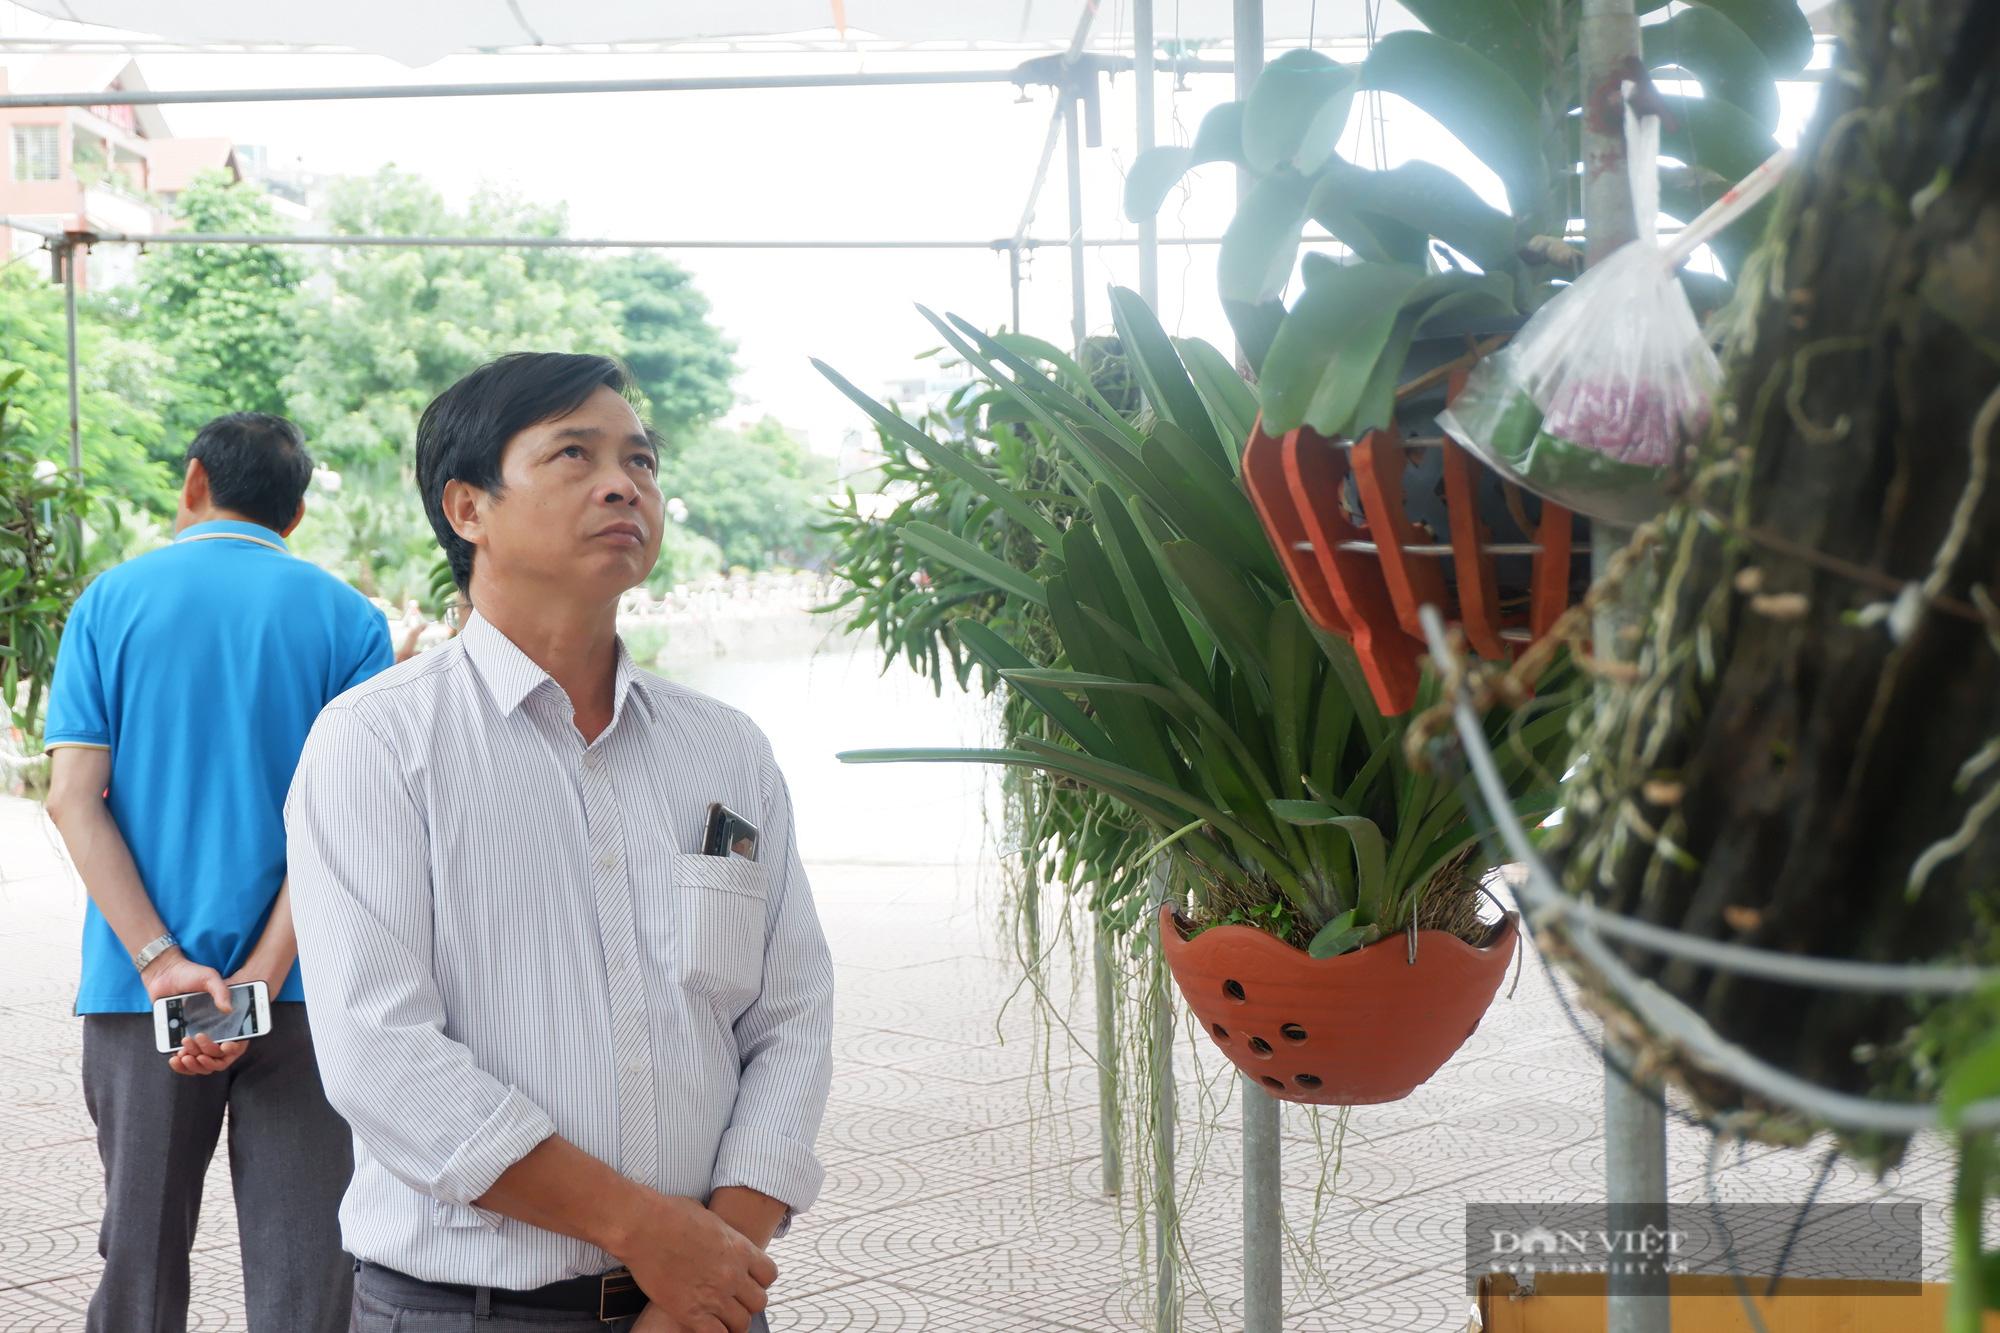 Hà Nội: Quy tụ hàng nghìn sản phẩm nông sản đặc sắc, chỉ toàn là đặc sản, người dân Thủ đô hài lòng - Ảnh 4.